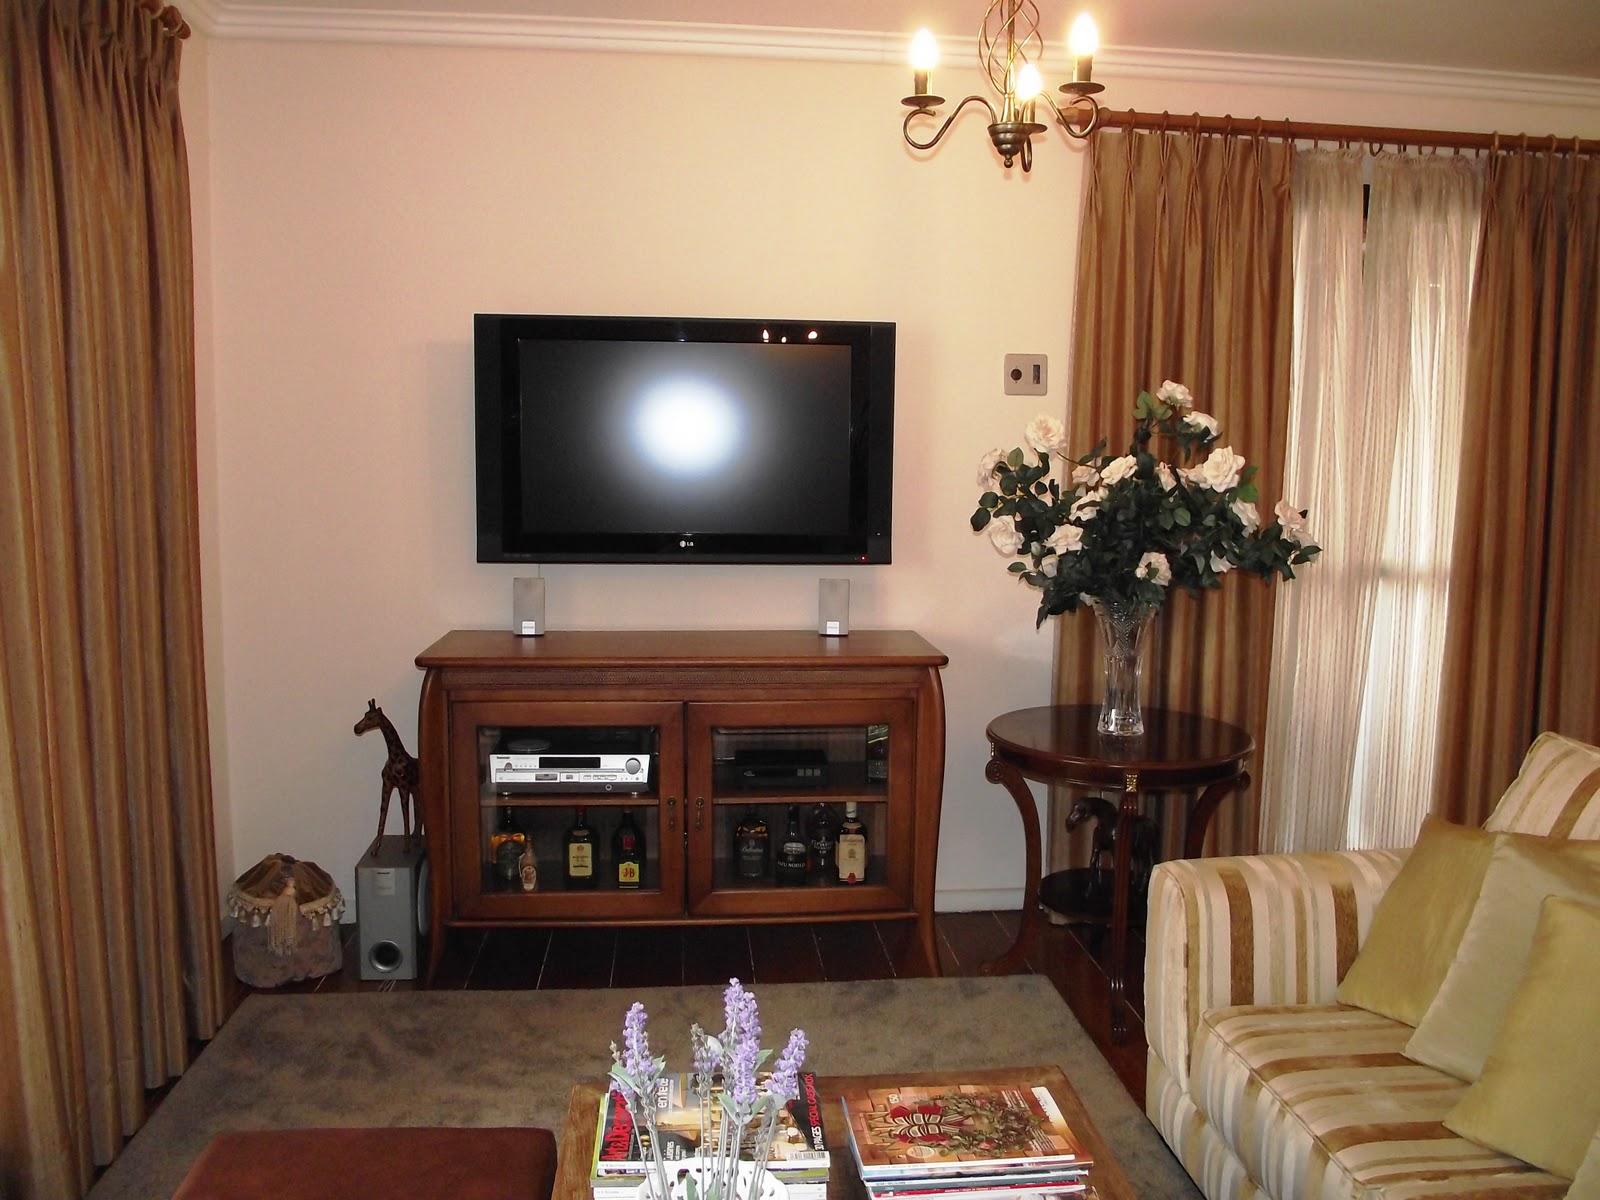 #986633  : SALA ESTAR/JANTAR E SACADA meu projeto de decoração 1600x1200 píxeis em Decoração Sala De Estar Tapetes